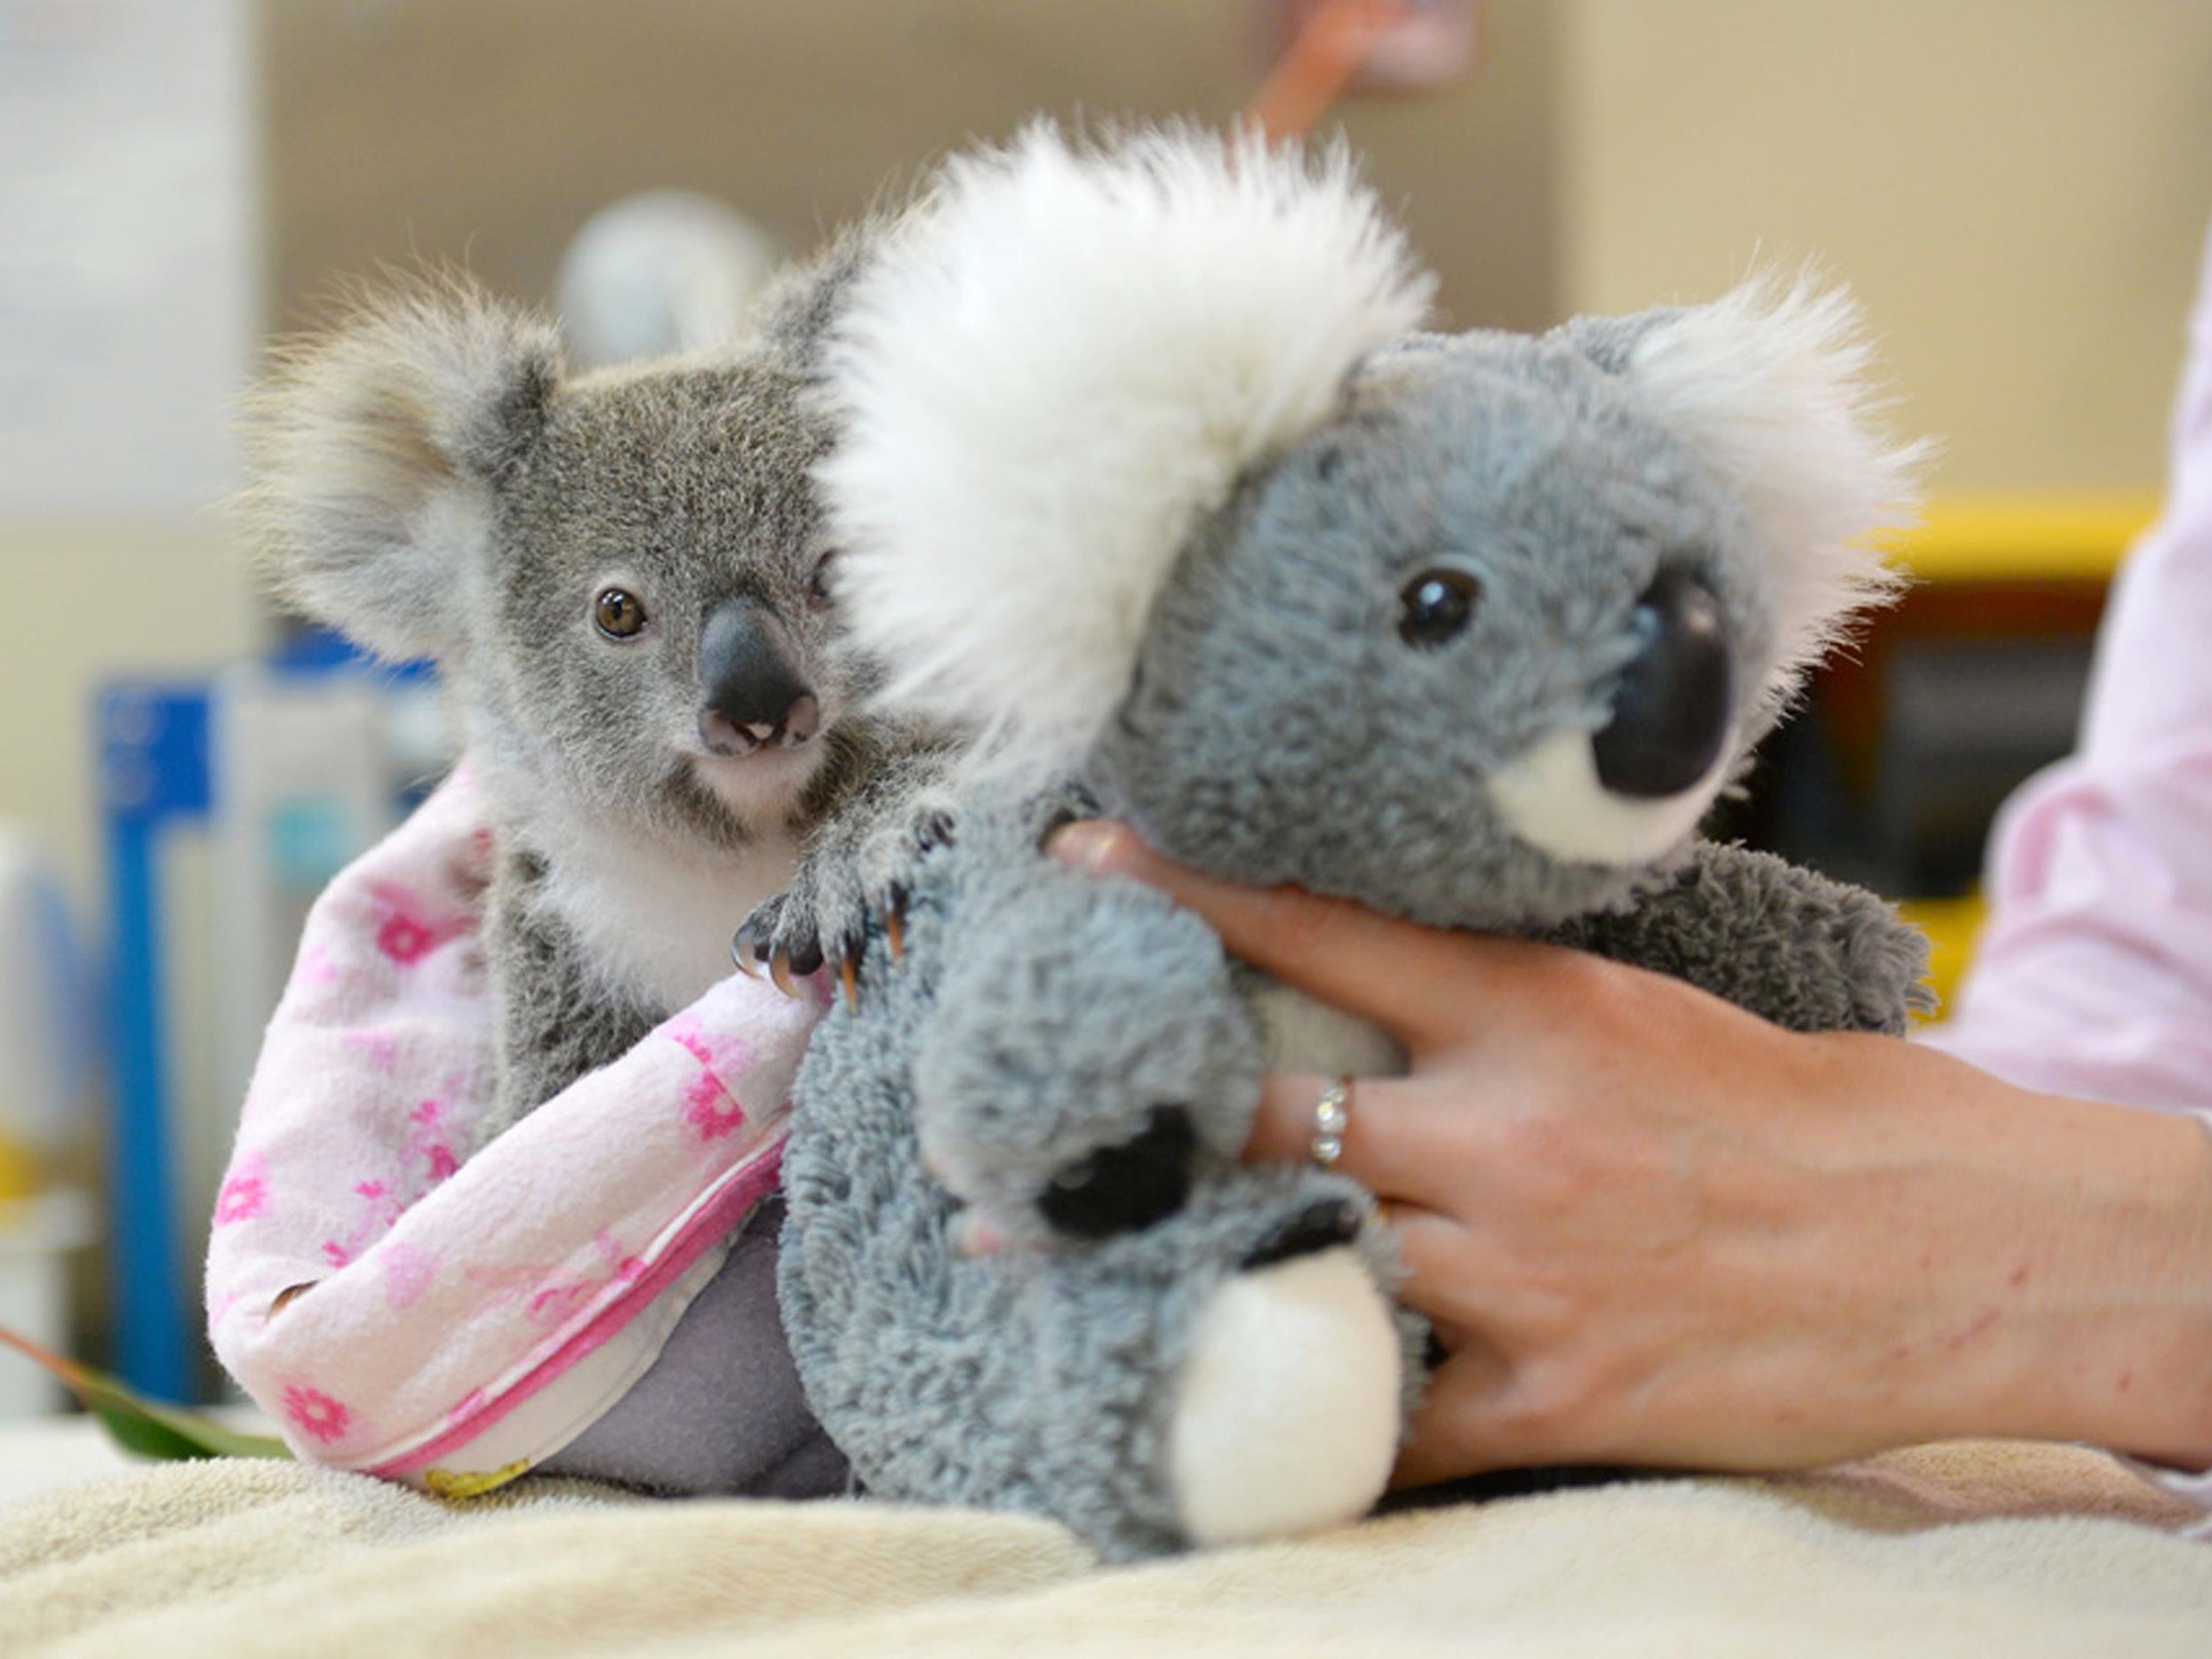 Das kleine Koala-Baby hat einen Plüsch-Freund gefunden.